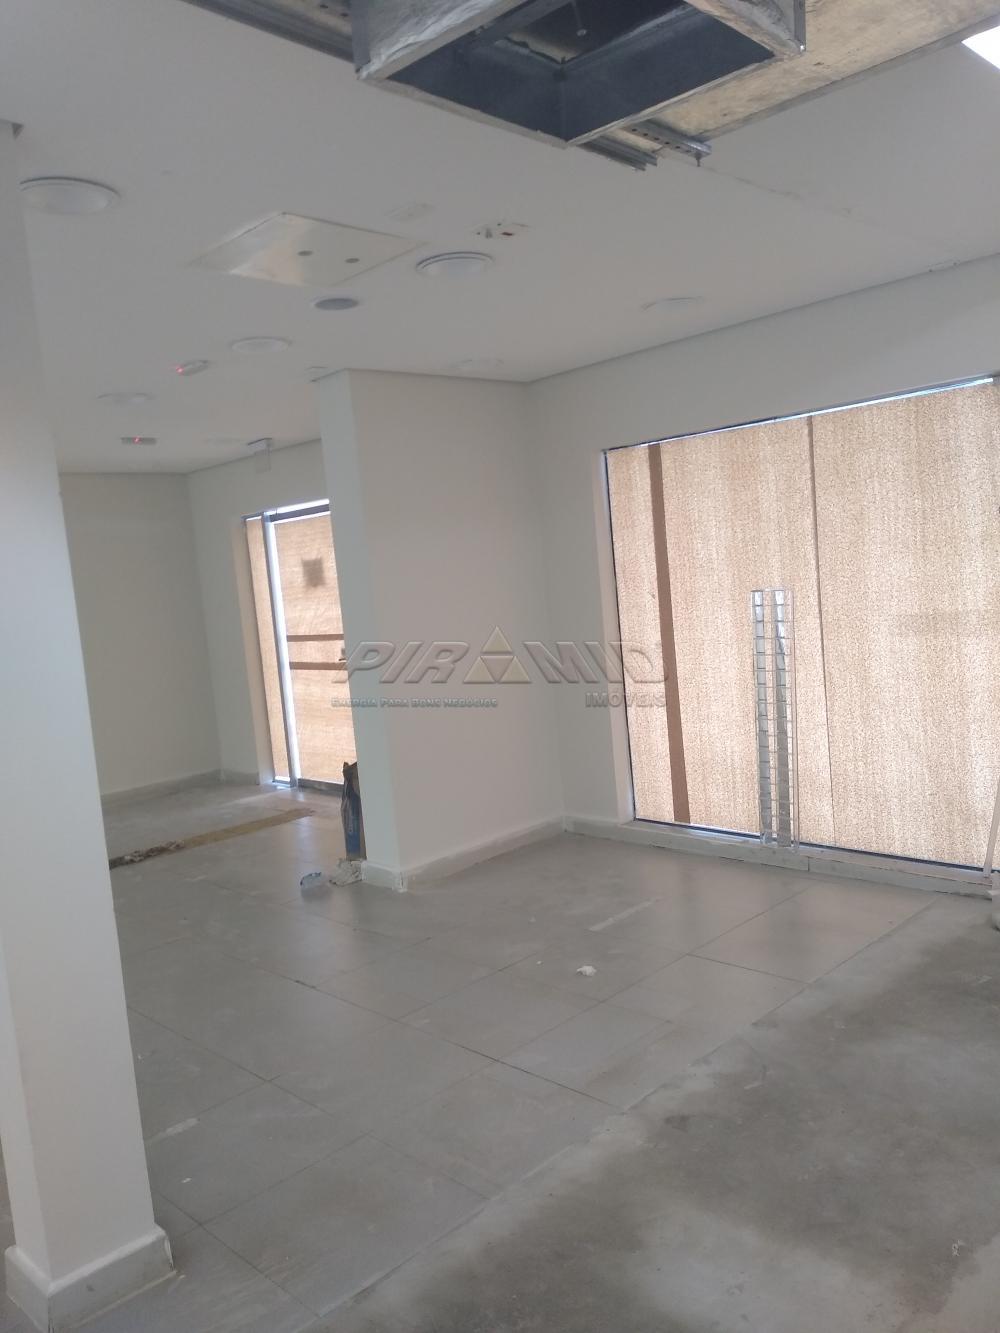 Alugar Comercial / Prédio em Ribeirão Preto apenas R$ 16.000,00 - Foto 28